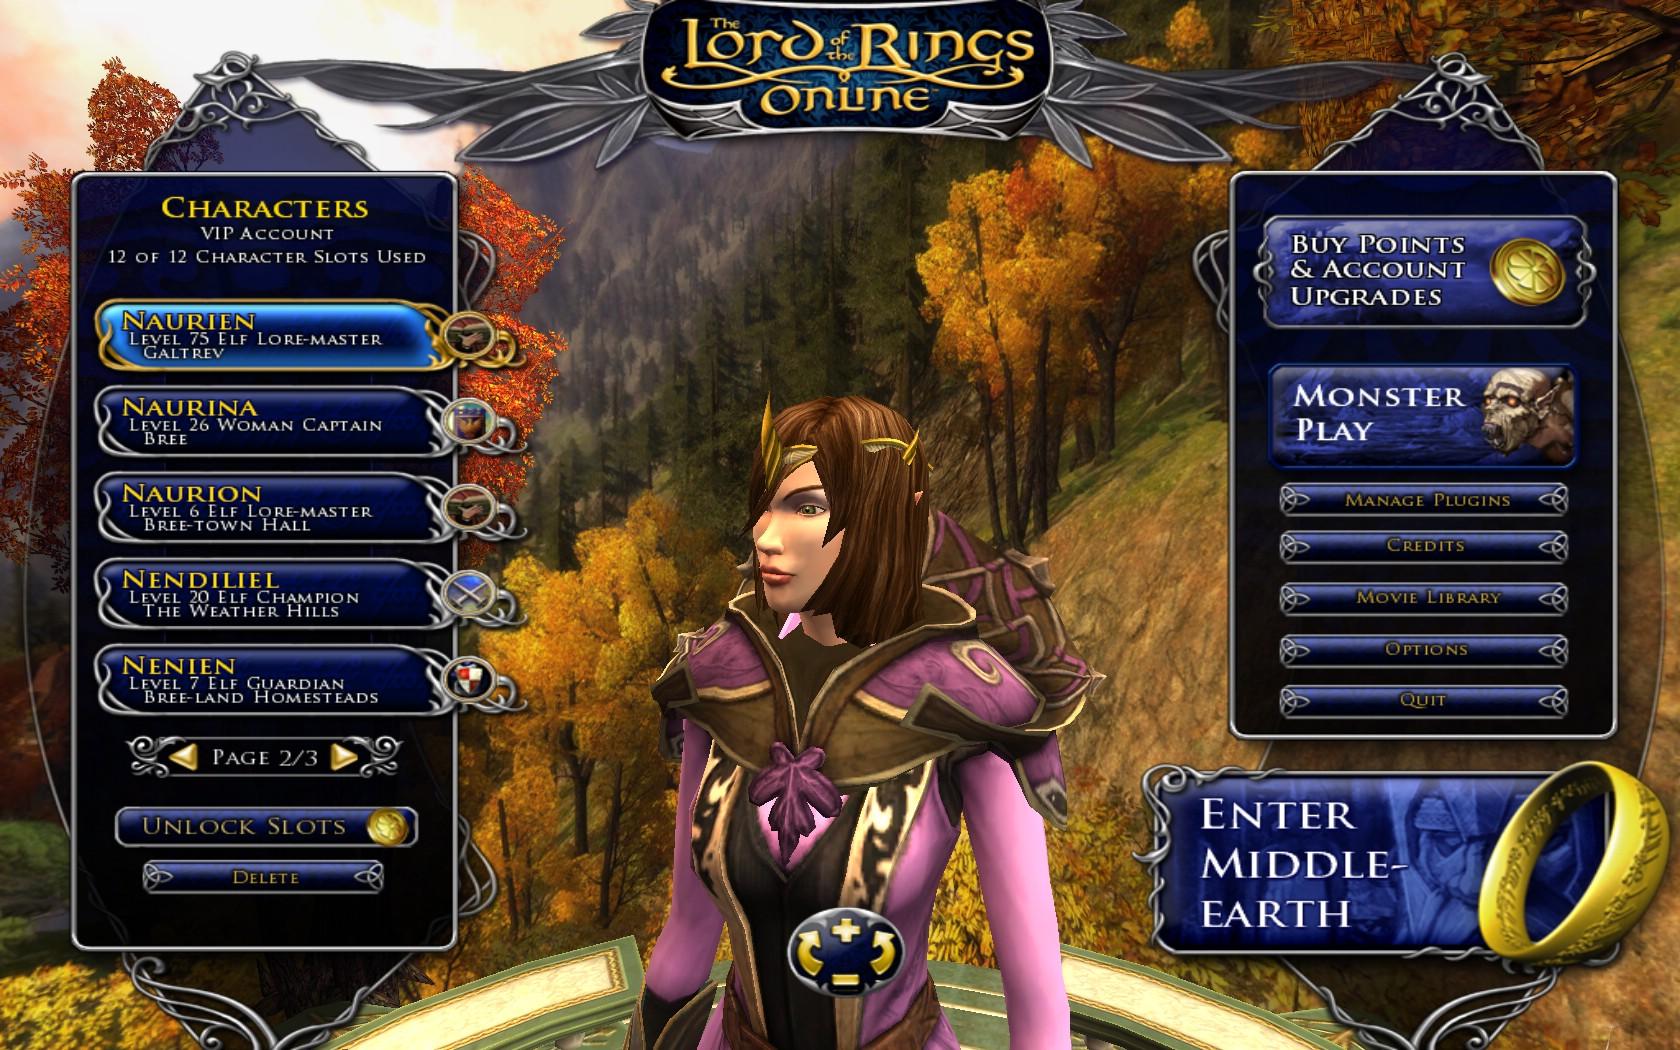 der-herr-der-ringe-online-1-nat-games